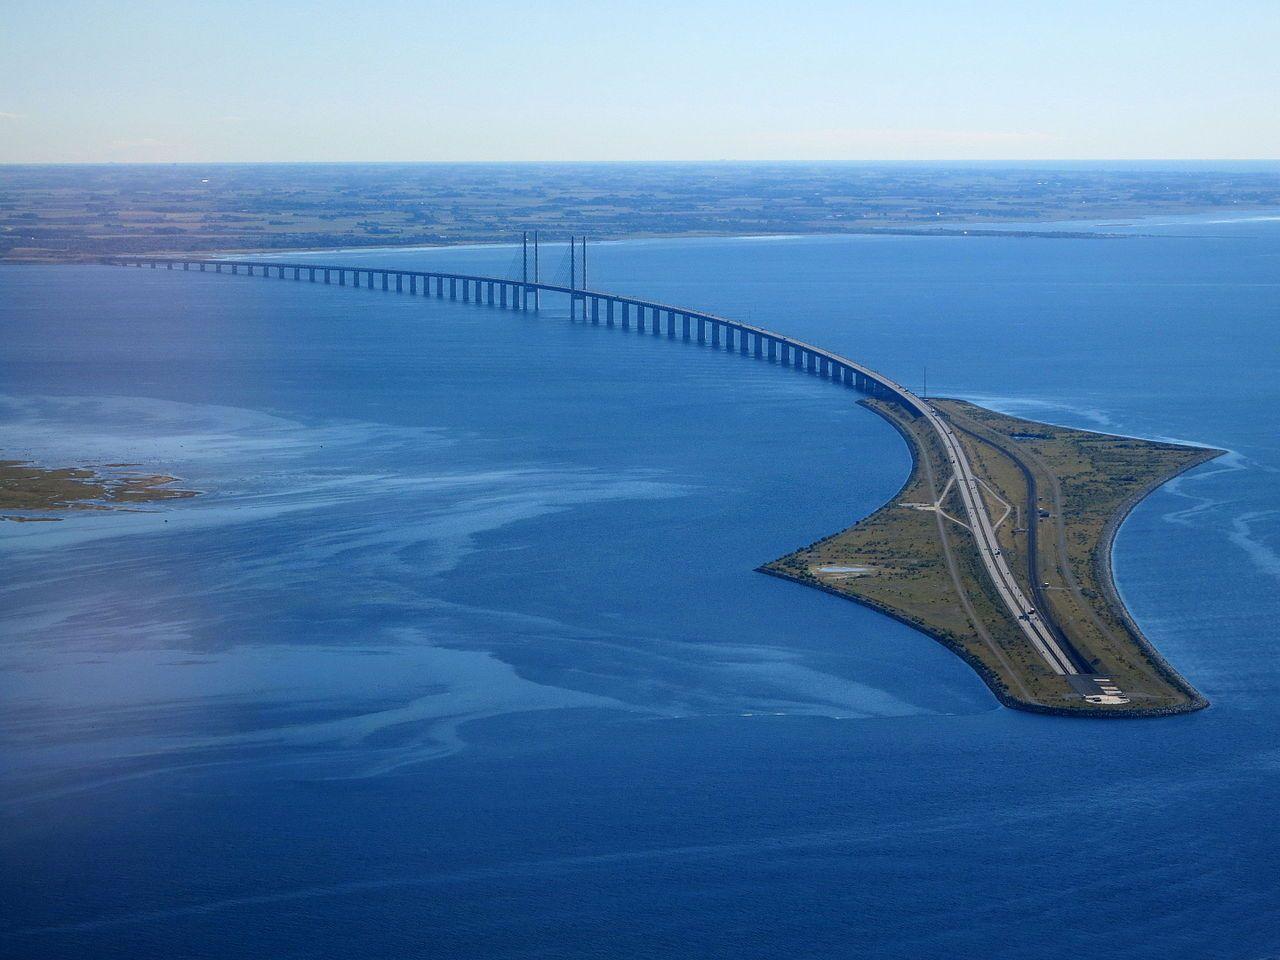 Oresund híd